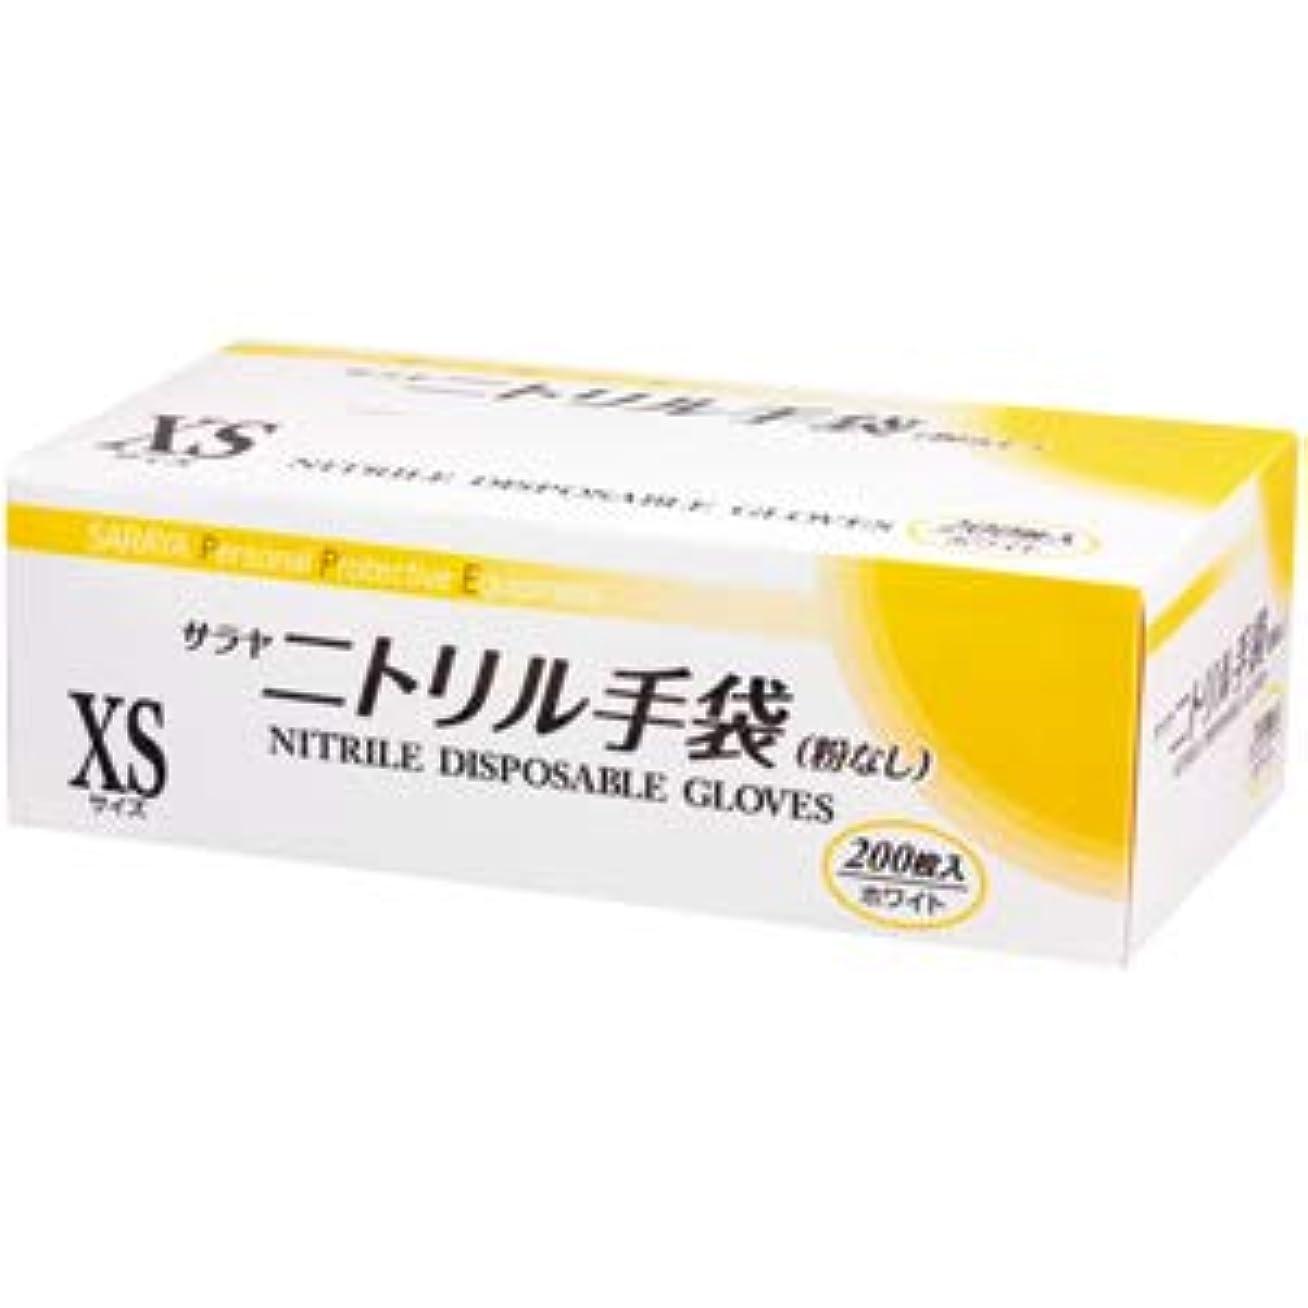 シェーバージャンプ動物園サラヤ ニトリル手袋 ホワイト XS 200枚×10箱 51073